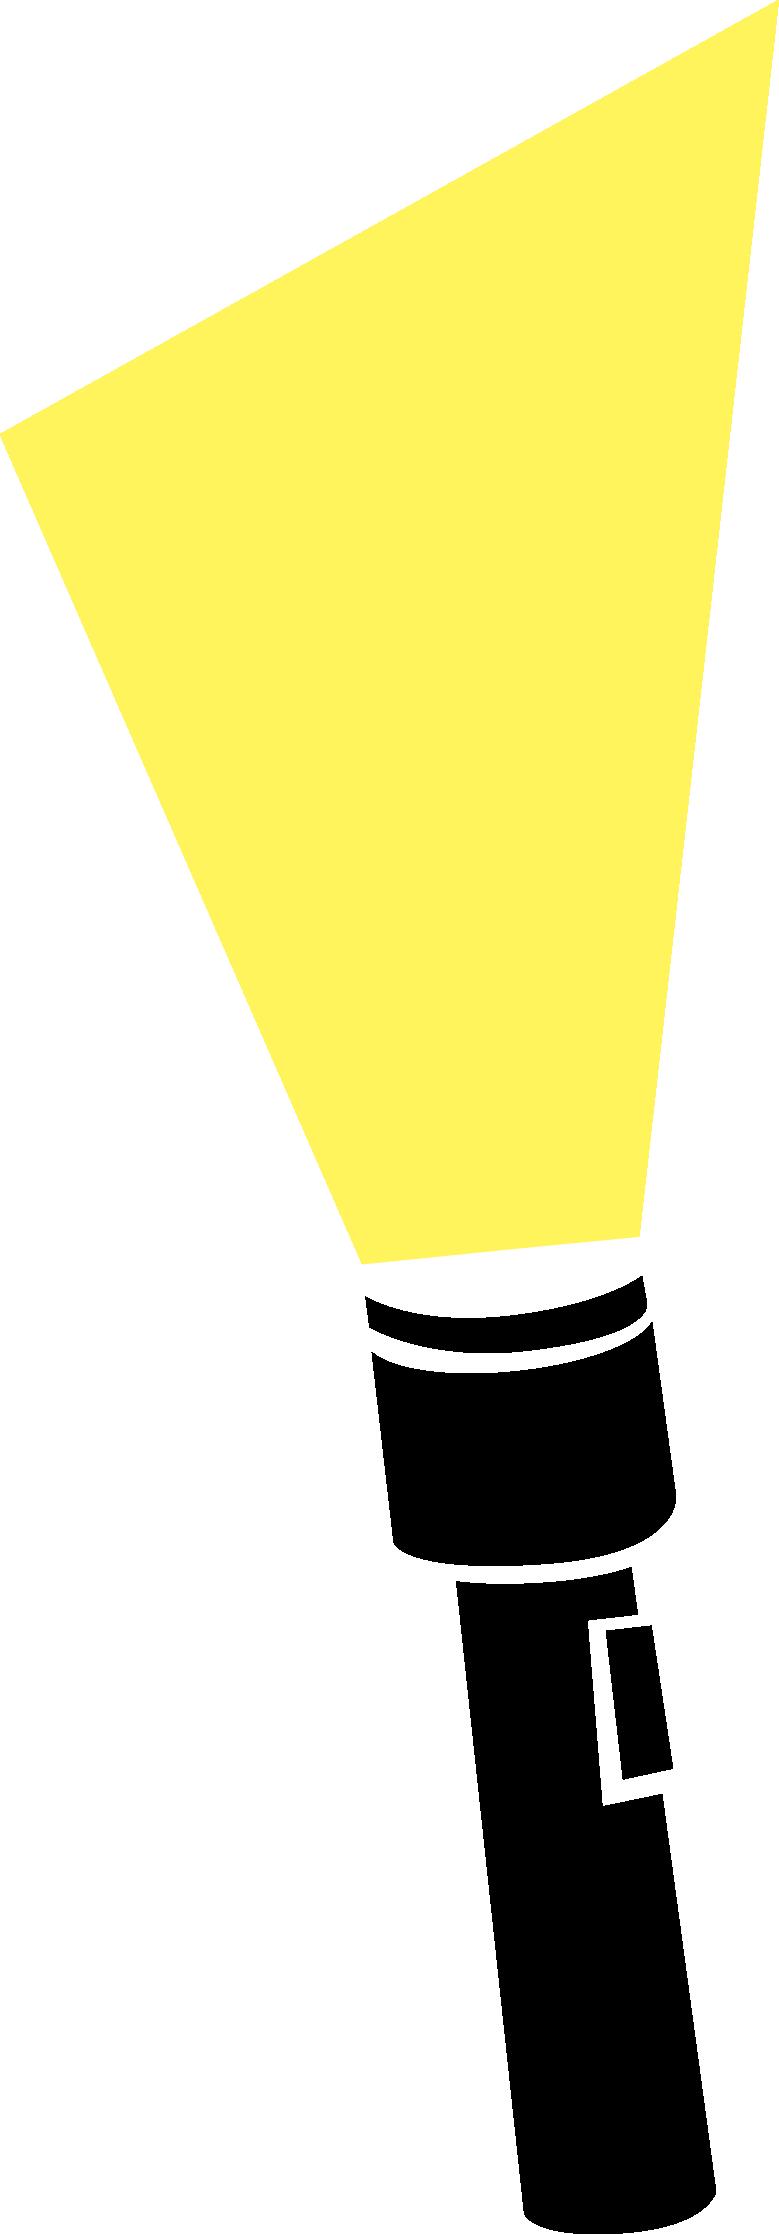 779x2234 Light Beam Clipart